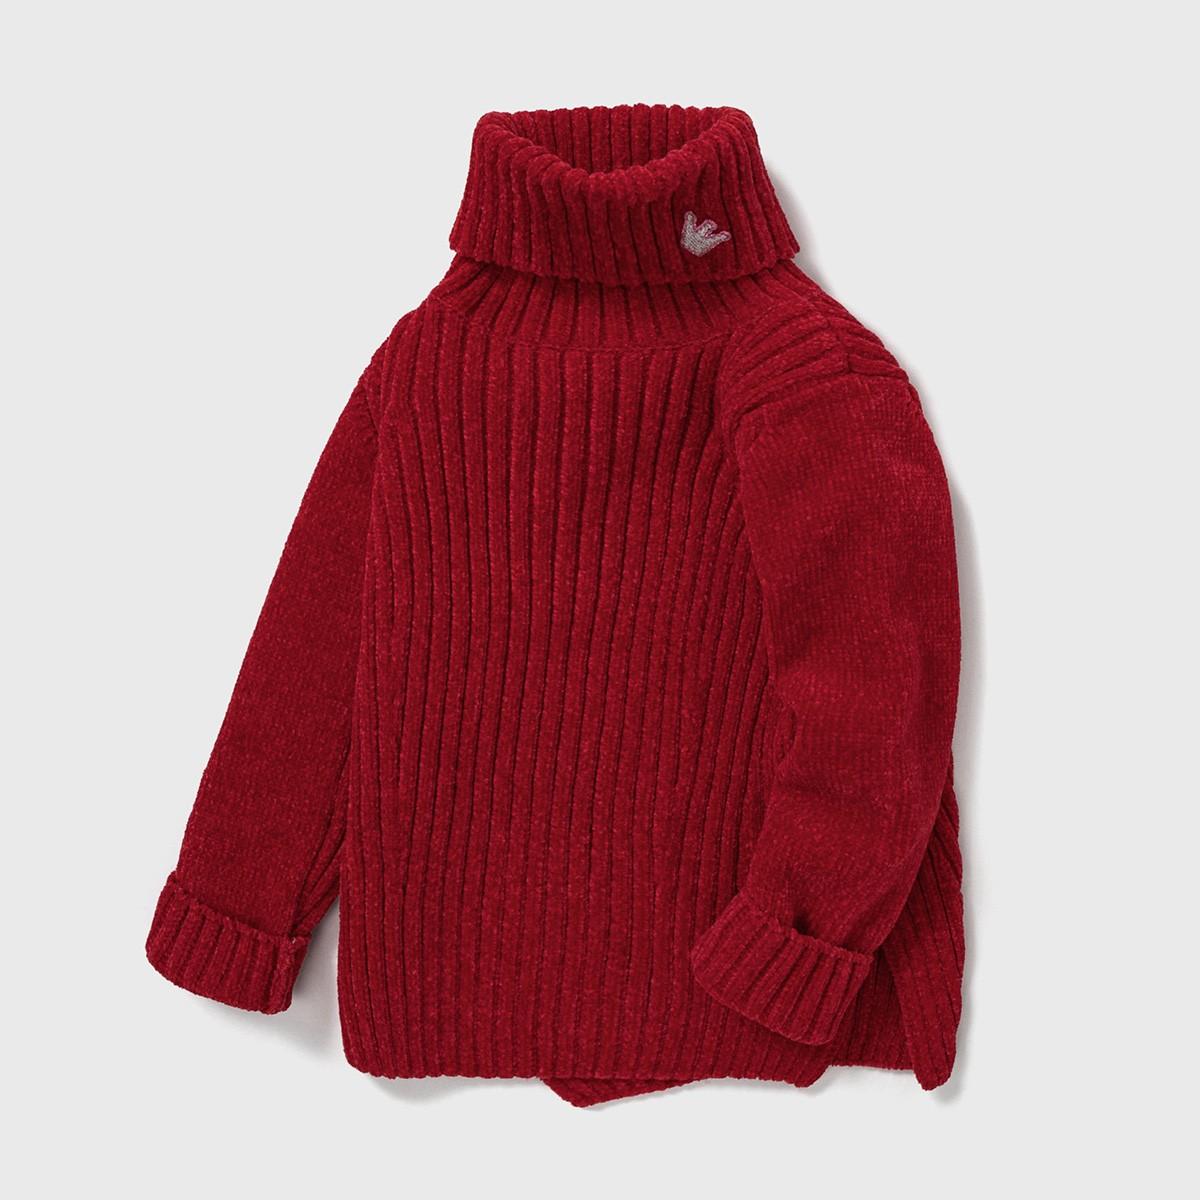 ABCKIDS 女童高領毛衣